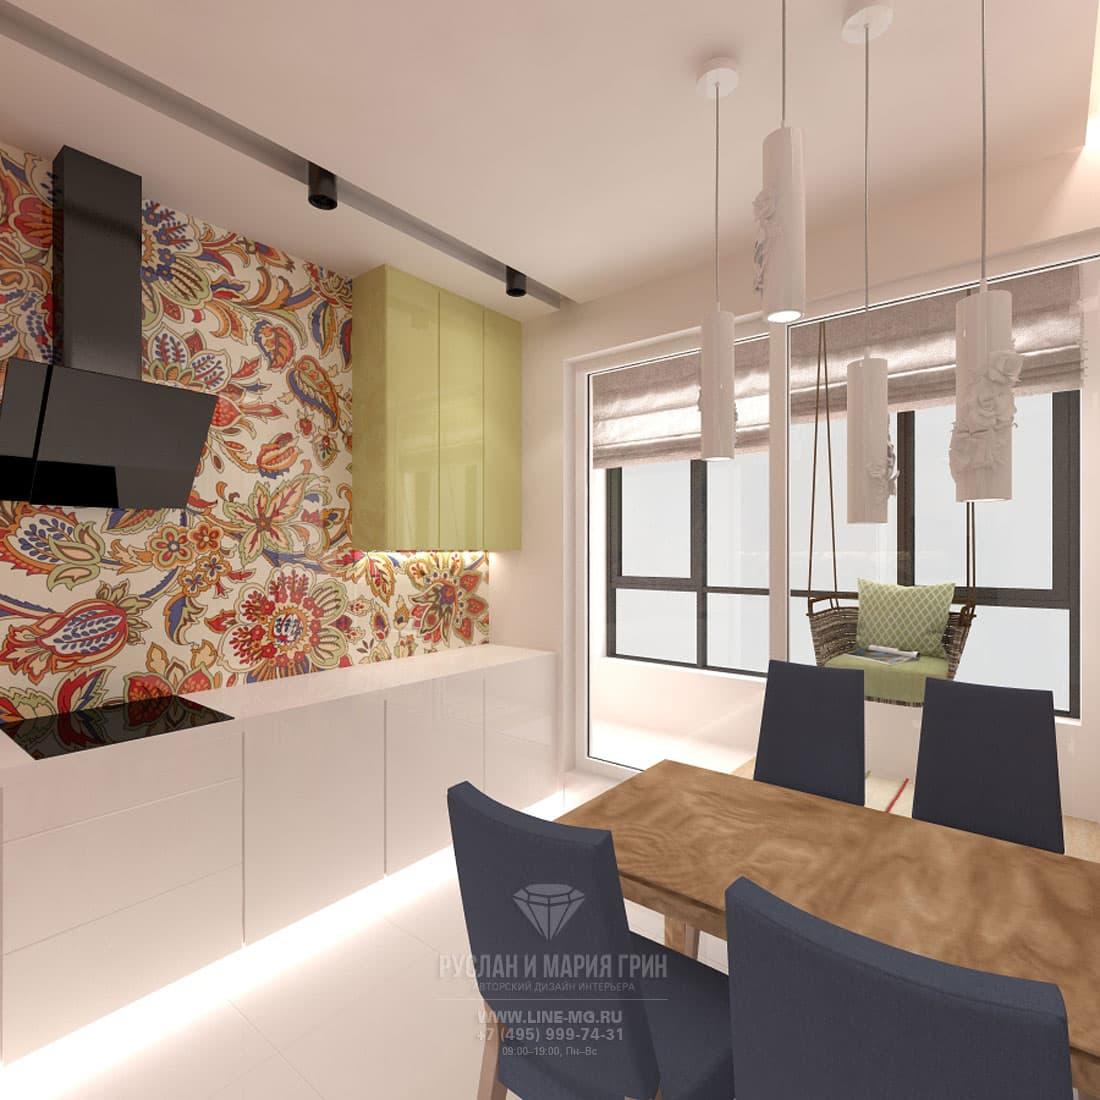 Современный стиль в интерьере кухни с лоджией